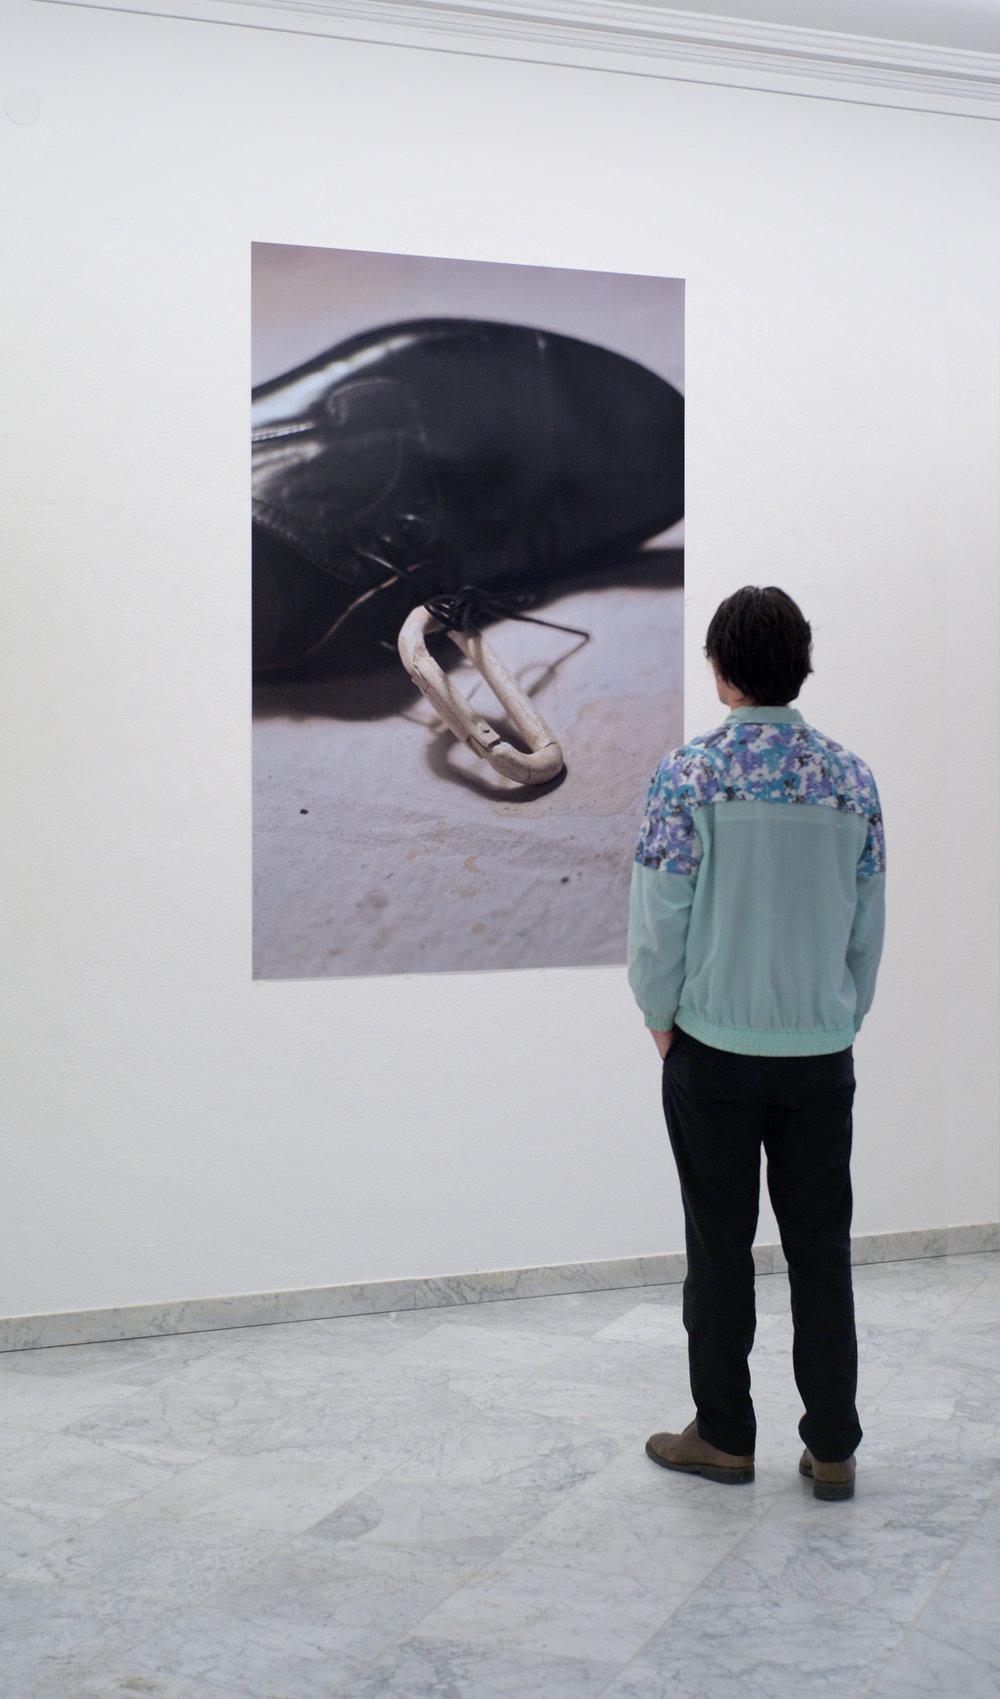 UNTITLED bishu, 2017, Lambdaprint, 190 x 125 cm, unique. Installationview Künstlerhaus Bregenz, 2017